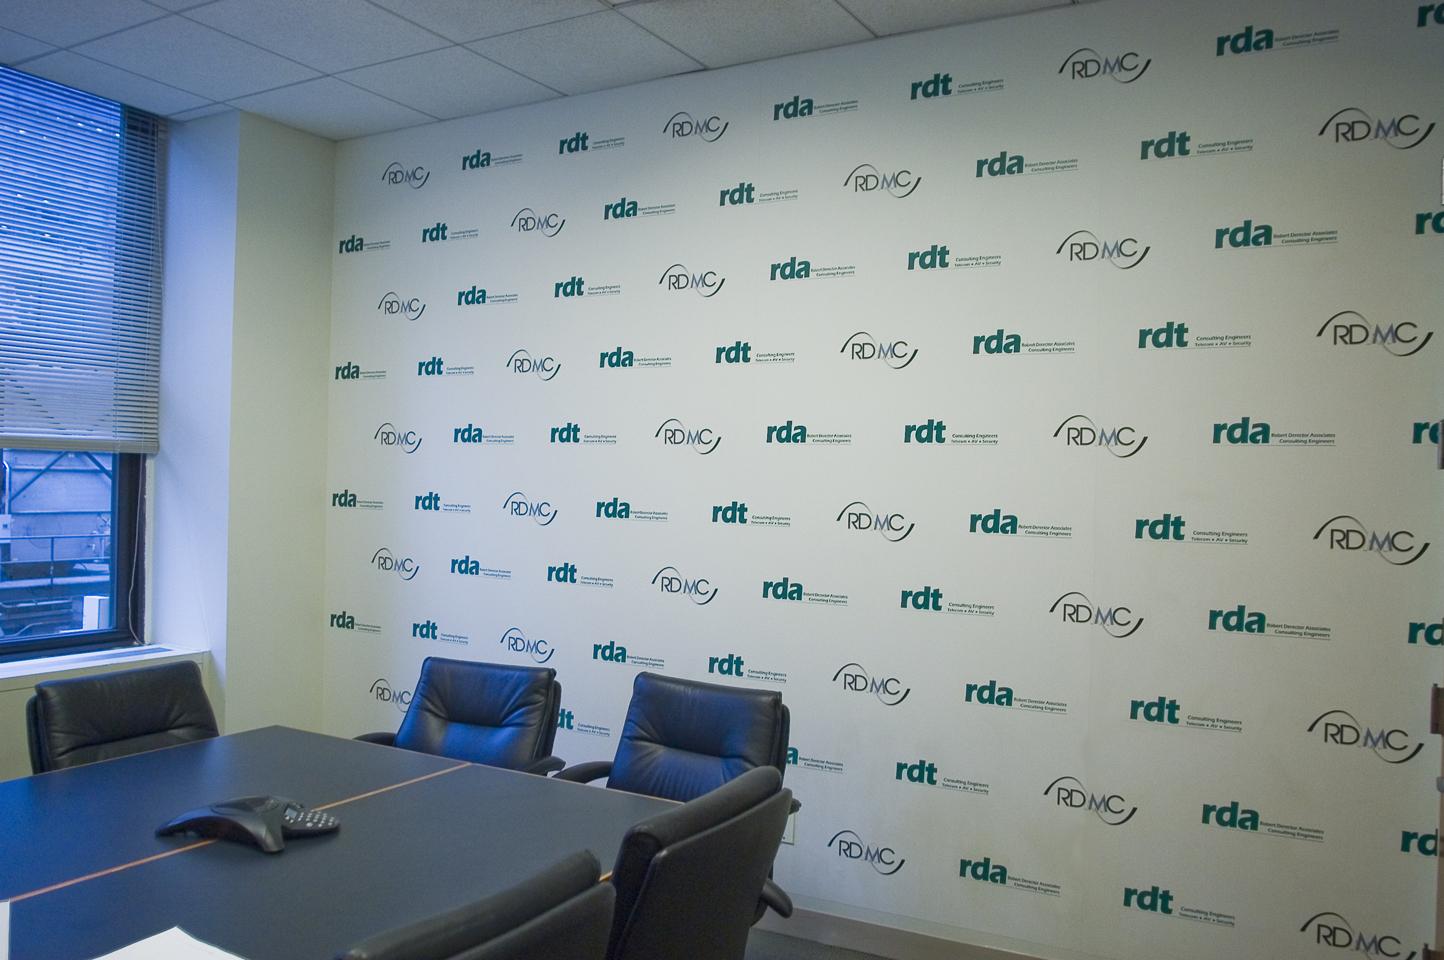 Wallpaper for Robert Director Associates